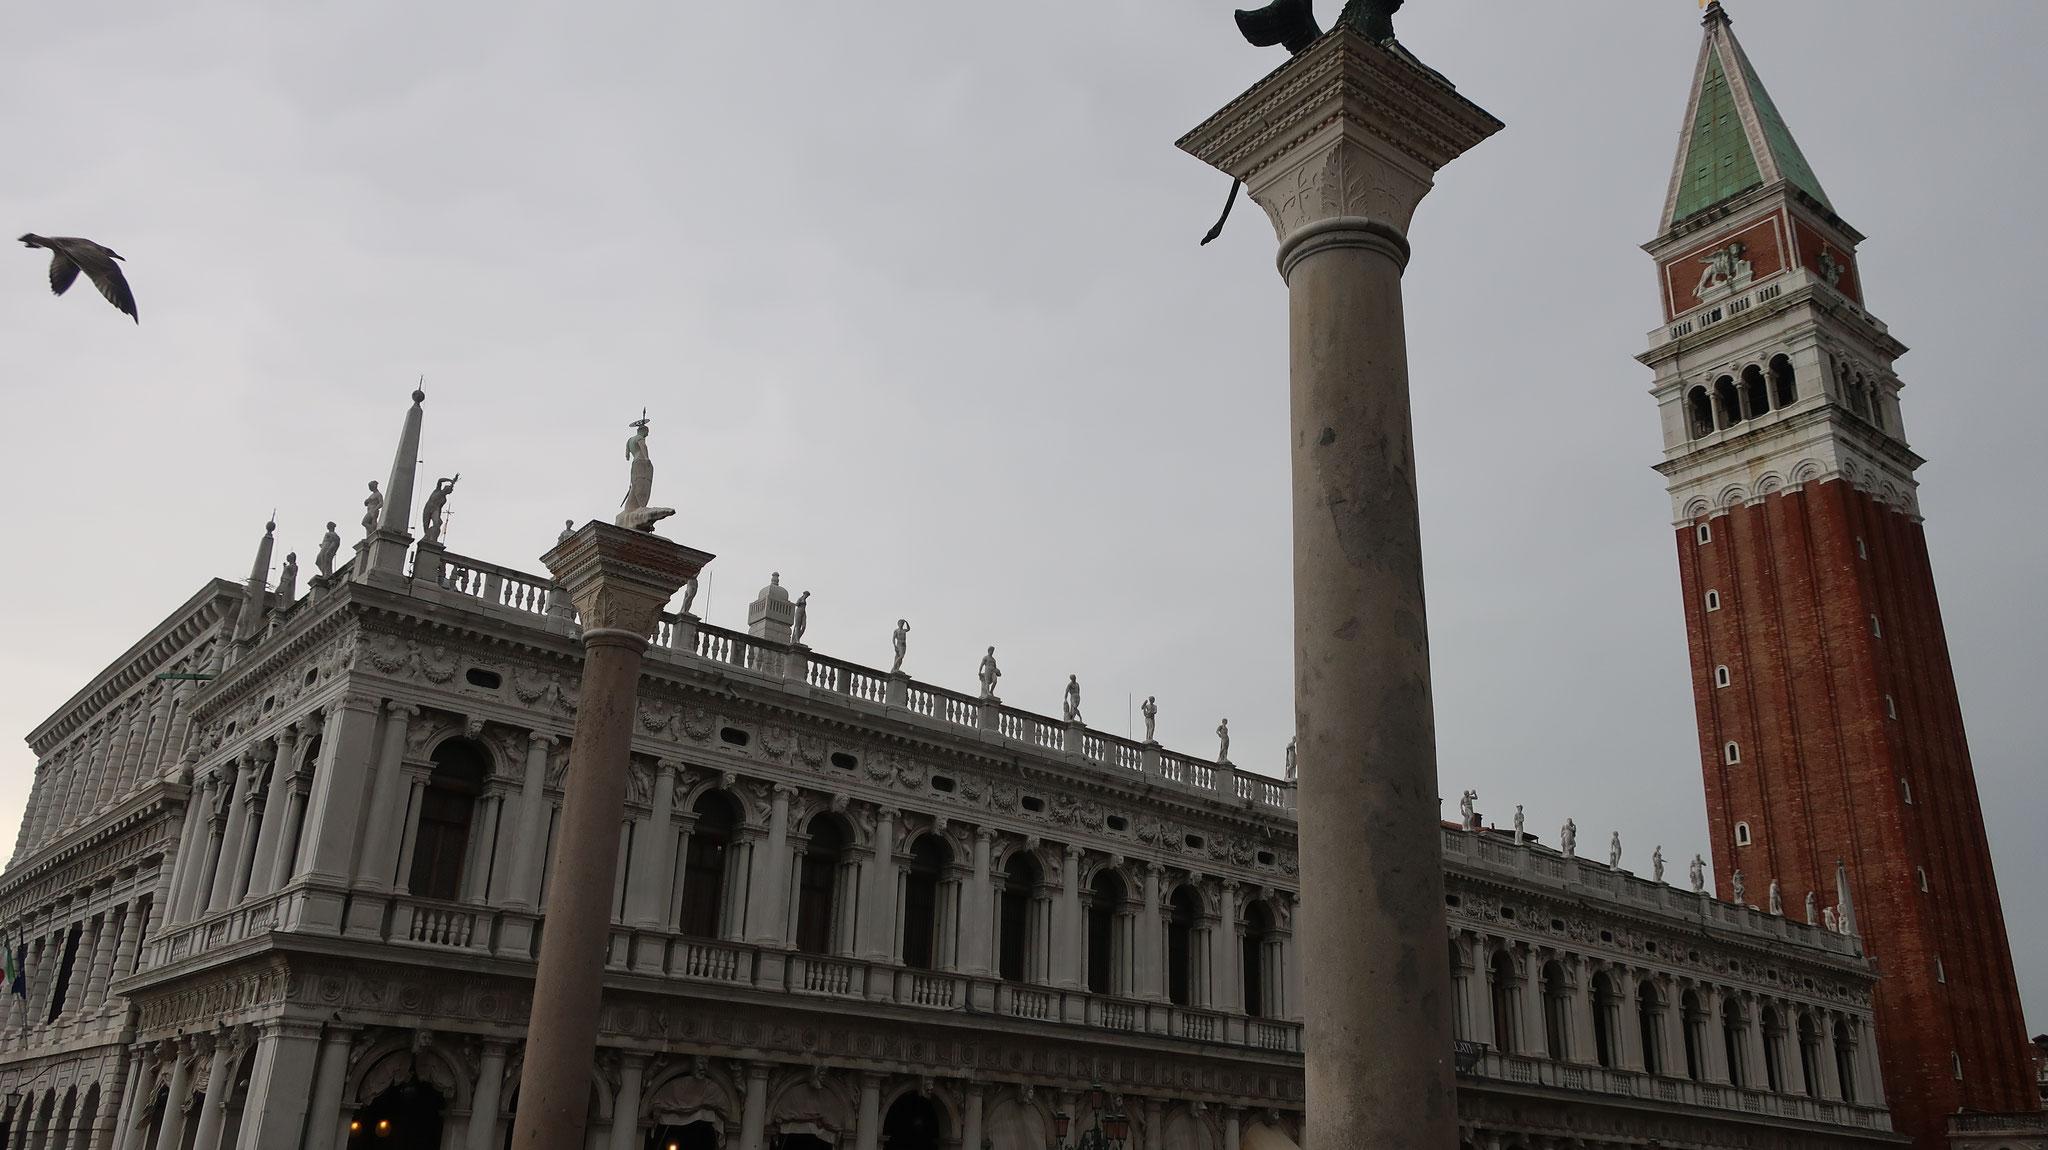 国立マルチャーナ図書館、竜を退治した聖テオドロスの円柱、有翼のライオンの円柱、鐘楼